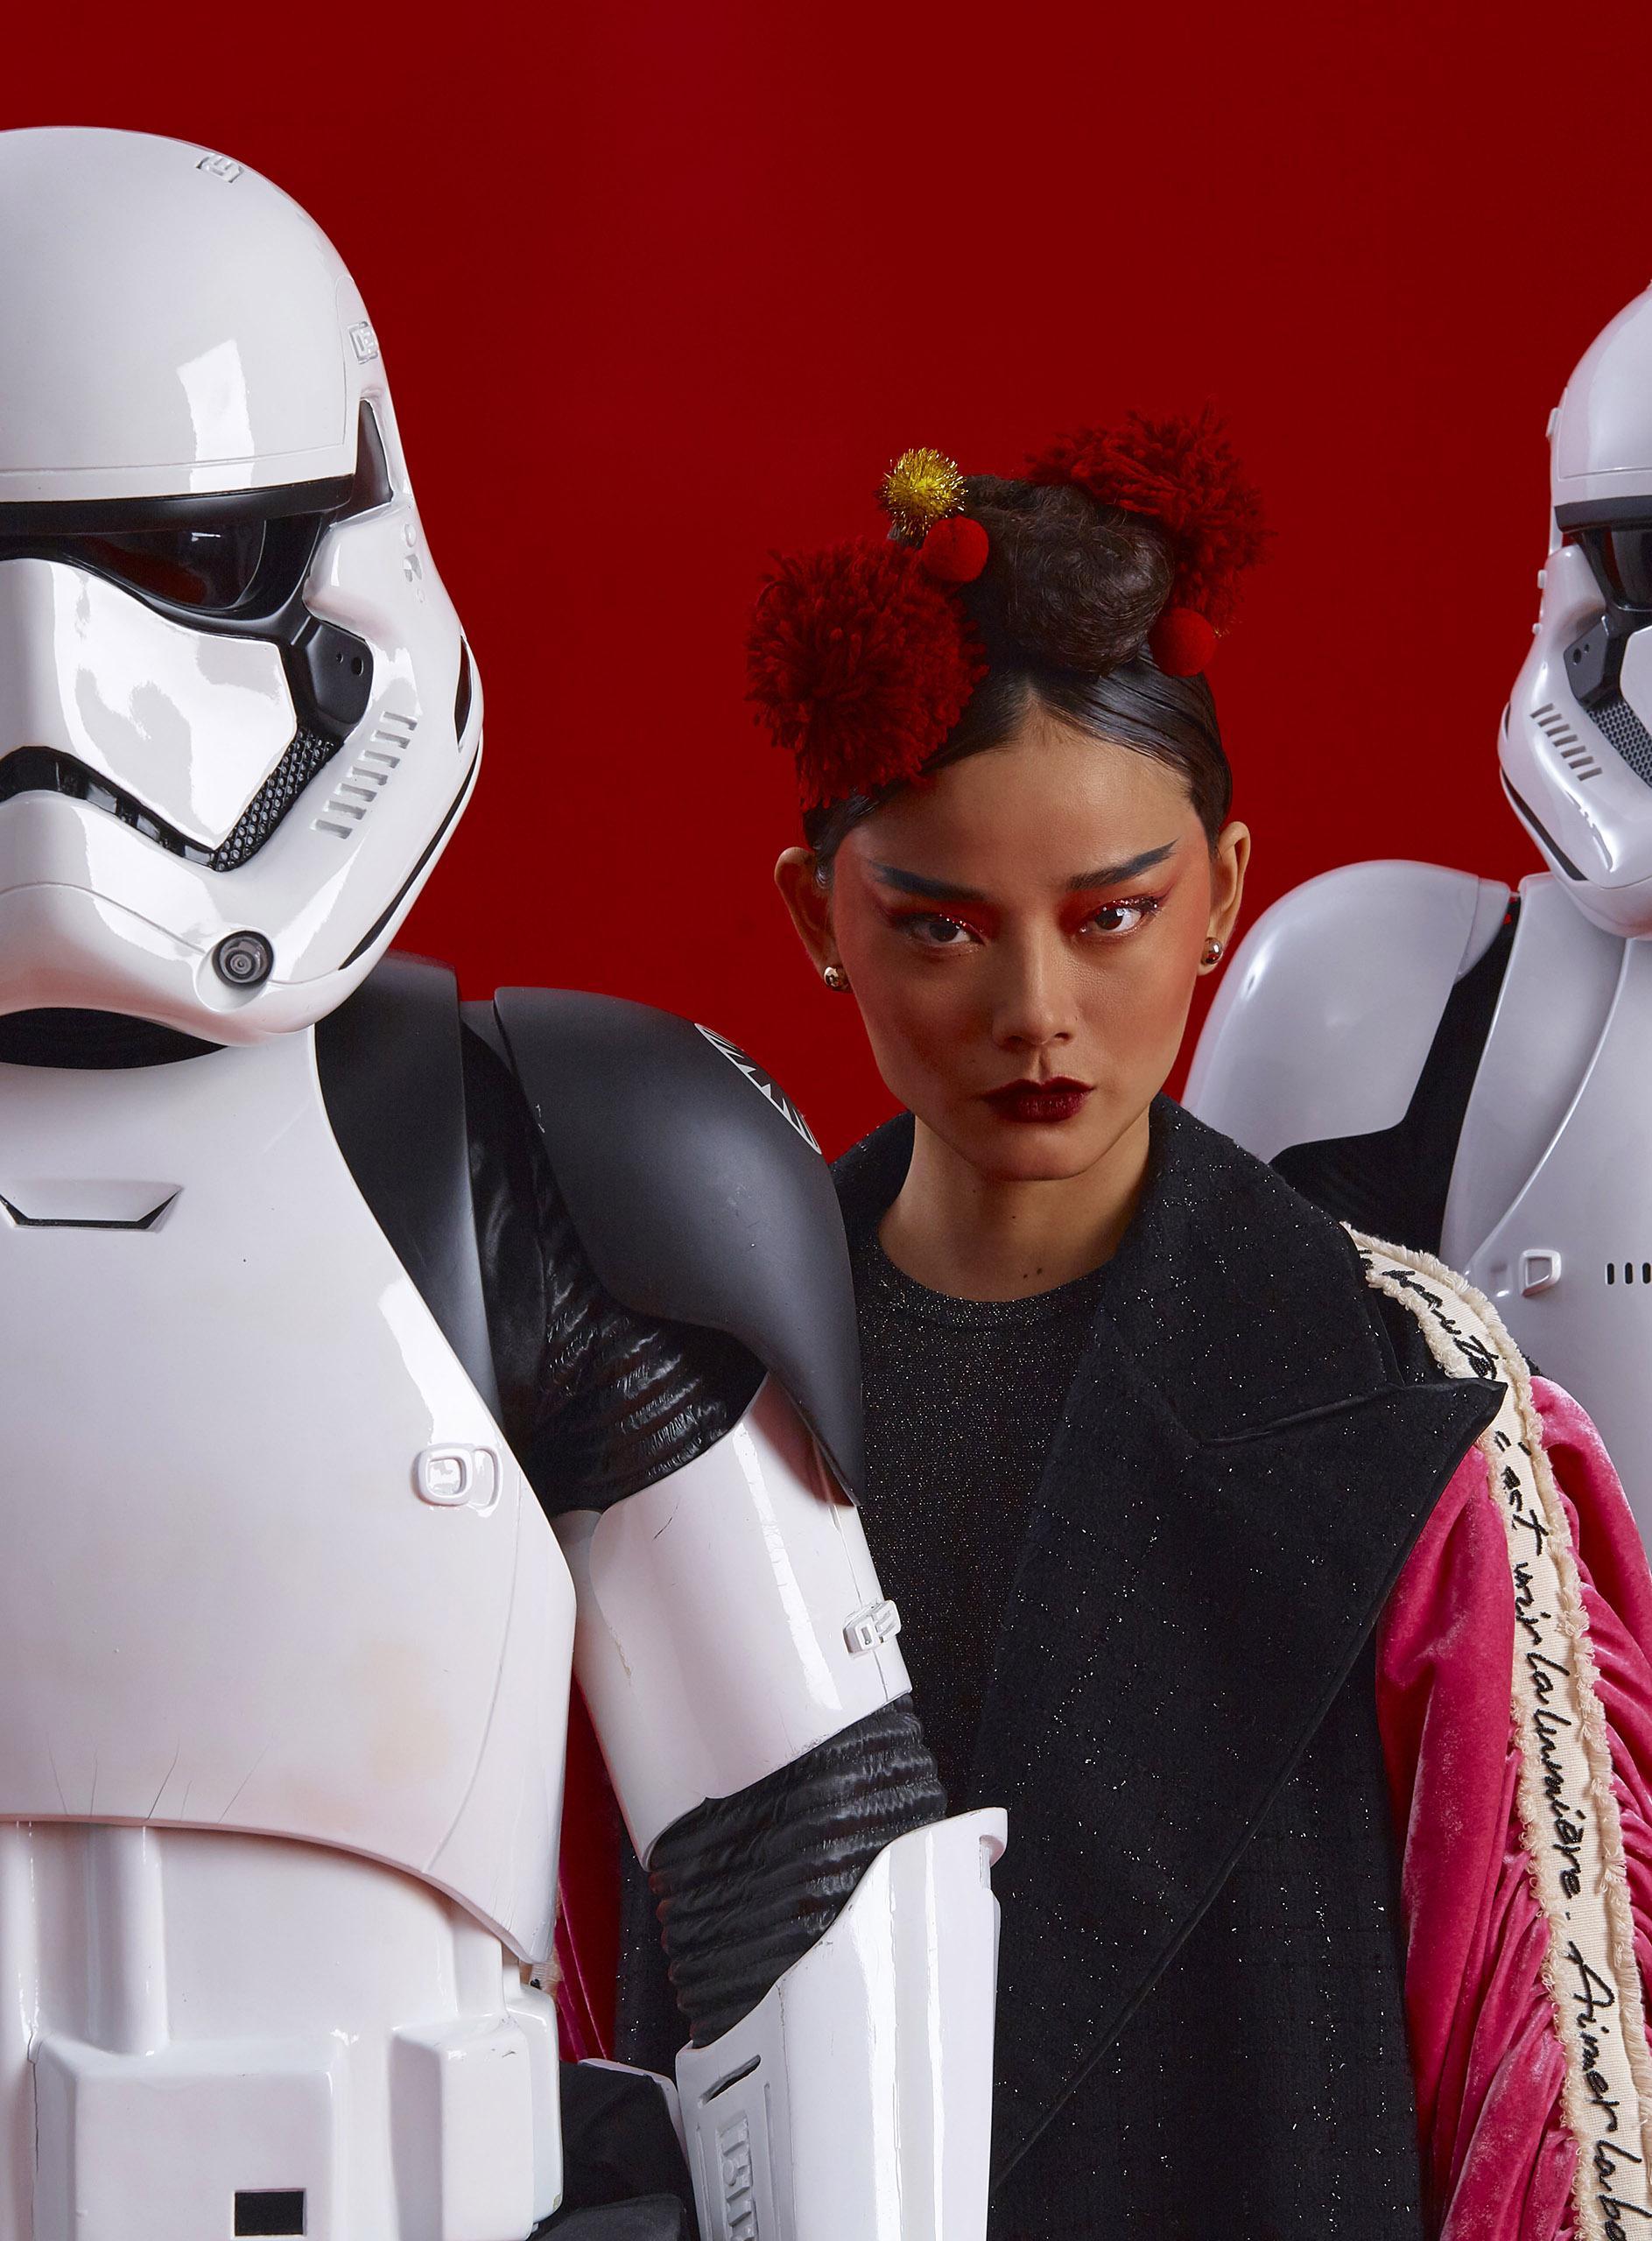 Star Wars giới thiệu thời trang Việt qua bộ ảnh độc đáo-3